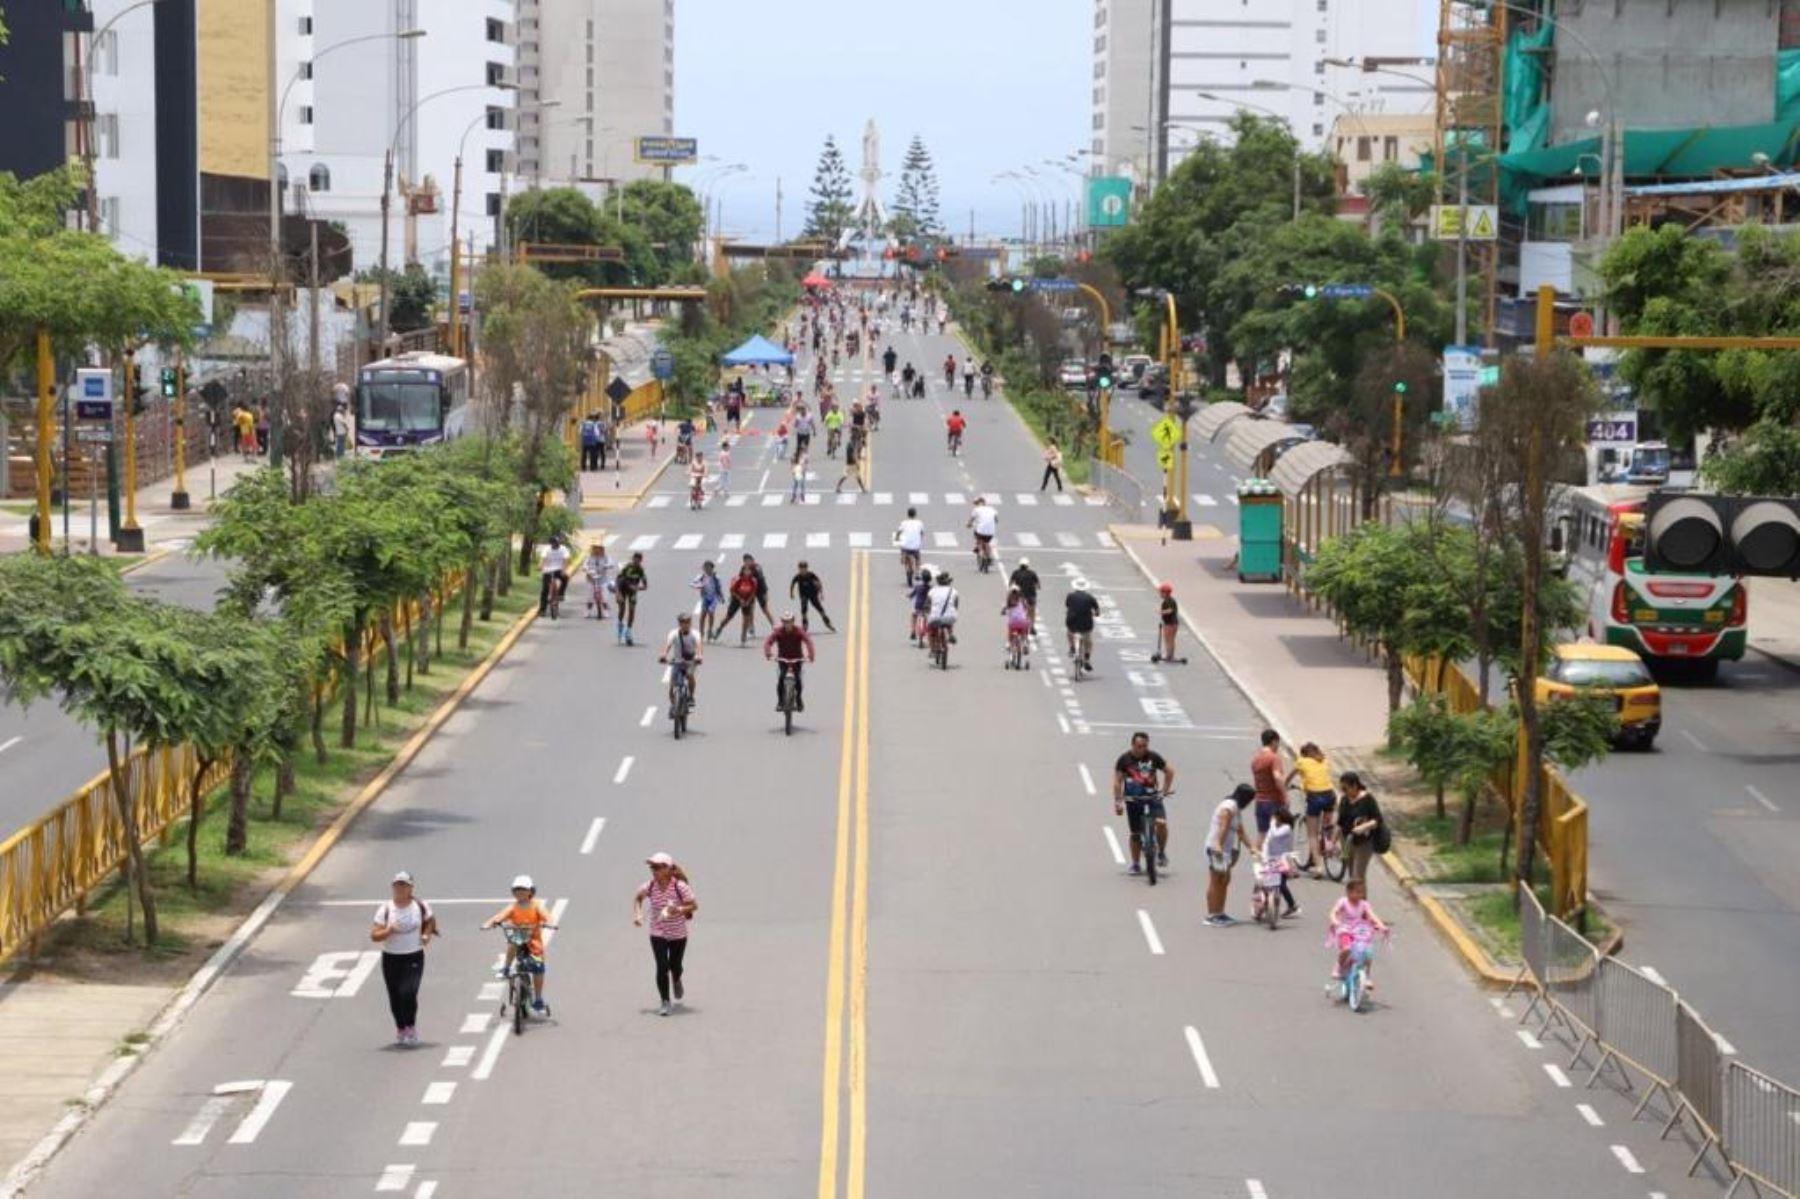 Vecinos y público en general podrán utilizar este espacio amplio y abierto con total seguridad para manejar bicicleta, correr, trotar o caminar. Foto: Cortesía